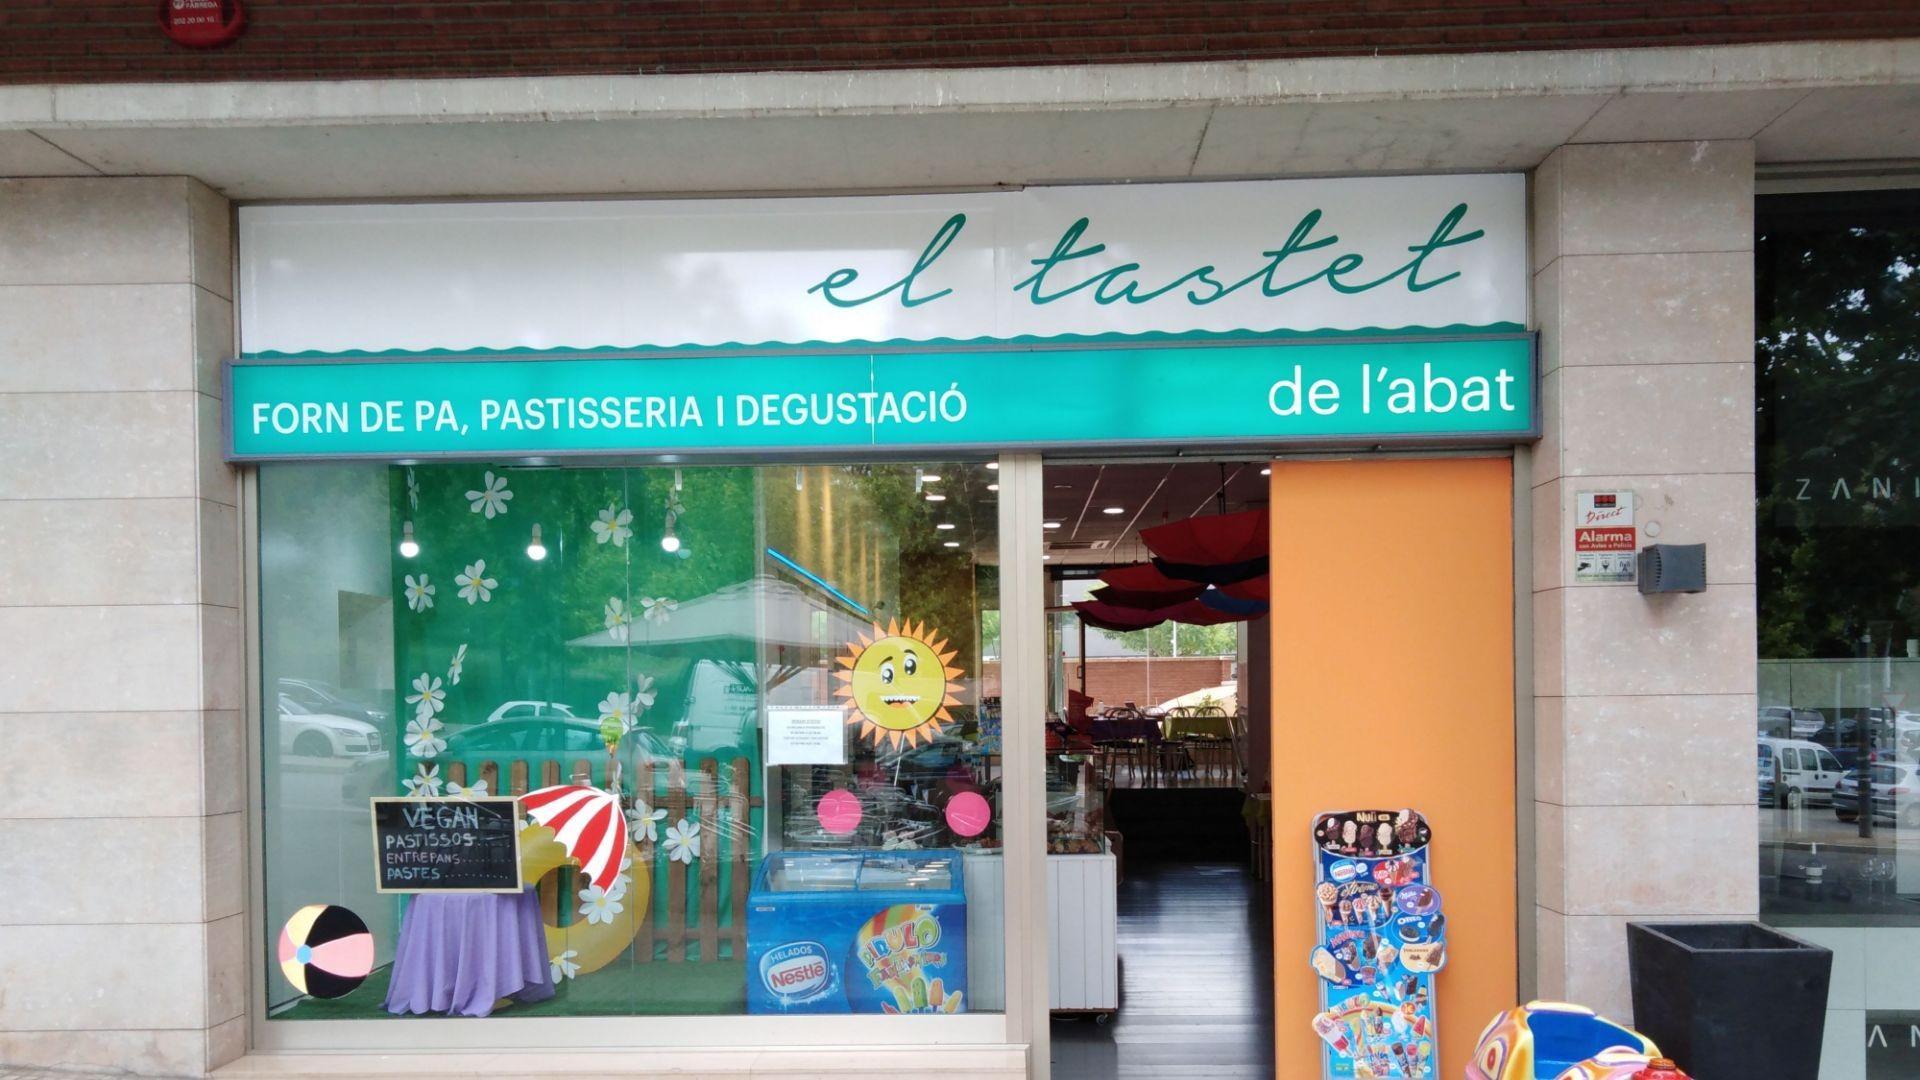 Pastelería en Manresa